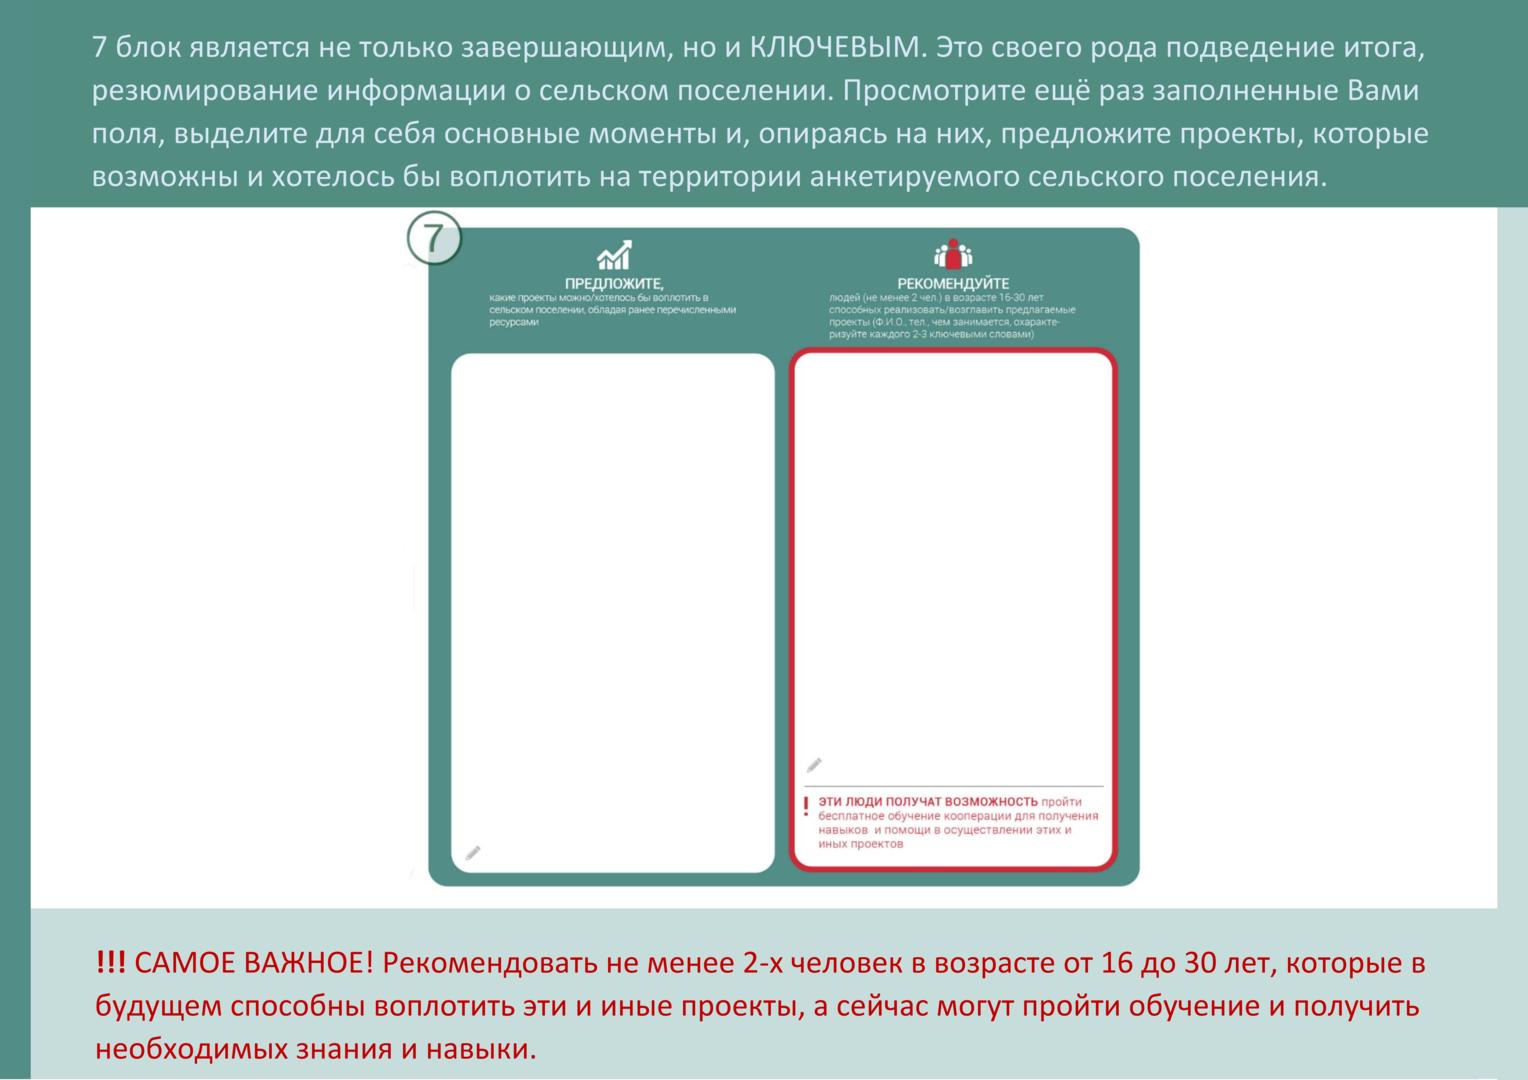 instruktsia_gotov_016